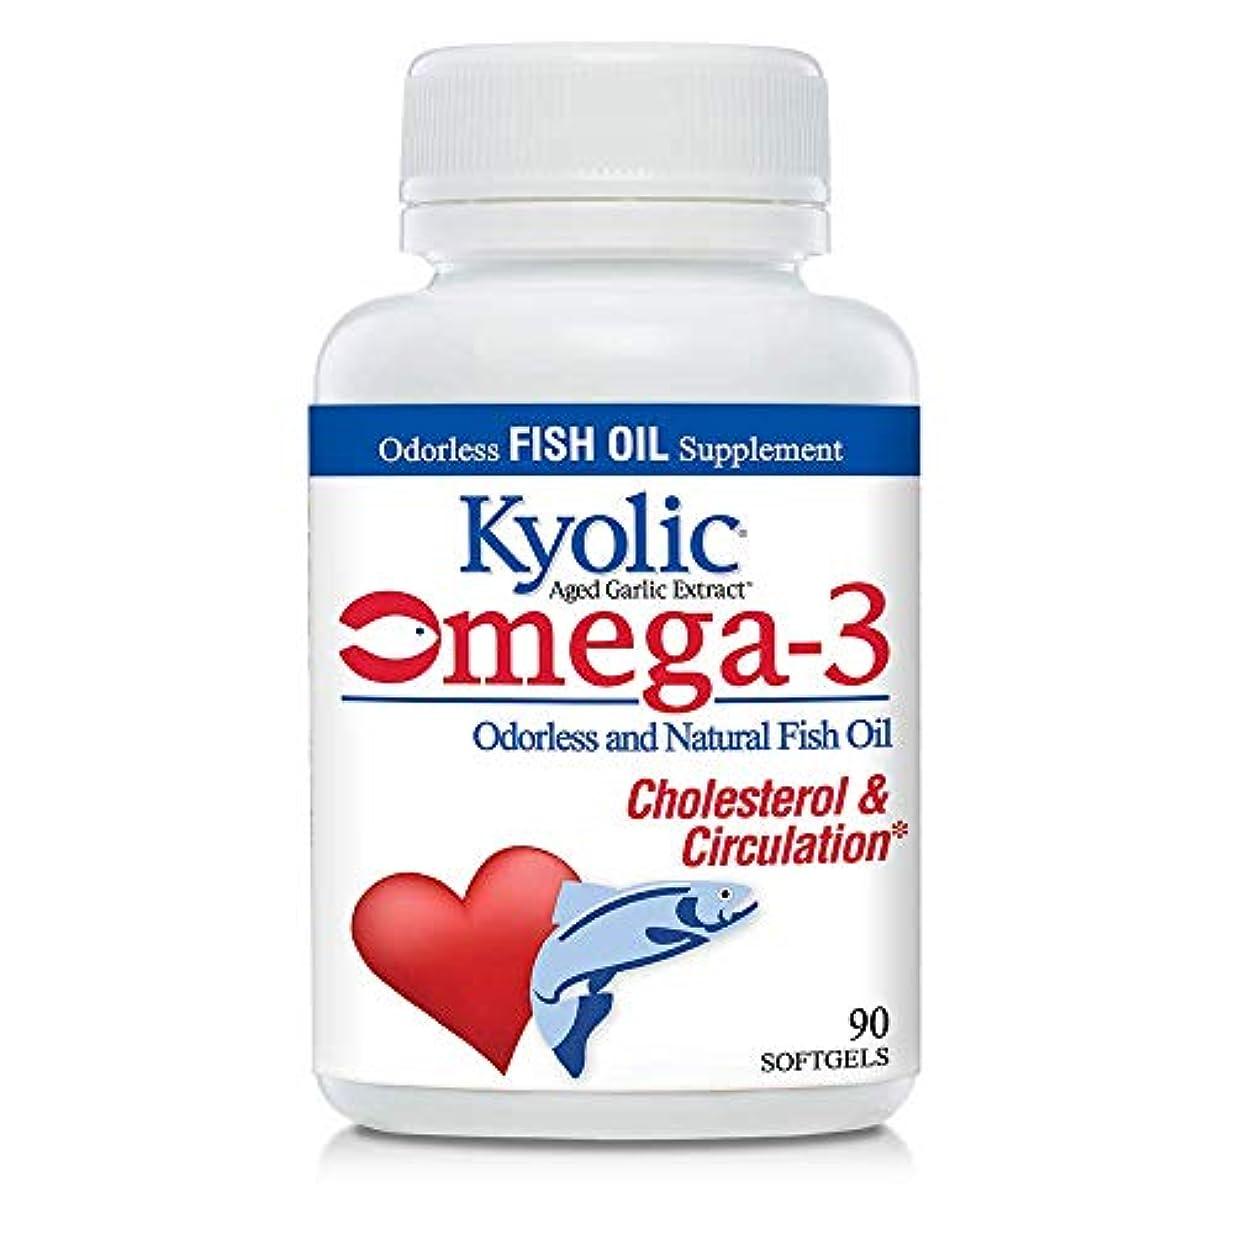 エール九時四十五分ドキュメンタリーWakunaga - Kyolic, EPA, Aged Garlic Extract, Cardiovascular, 90 Softgels